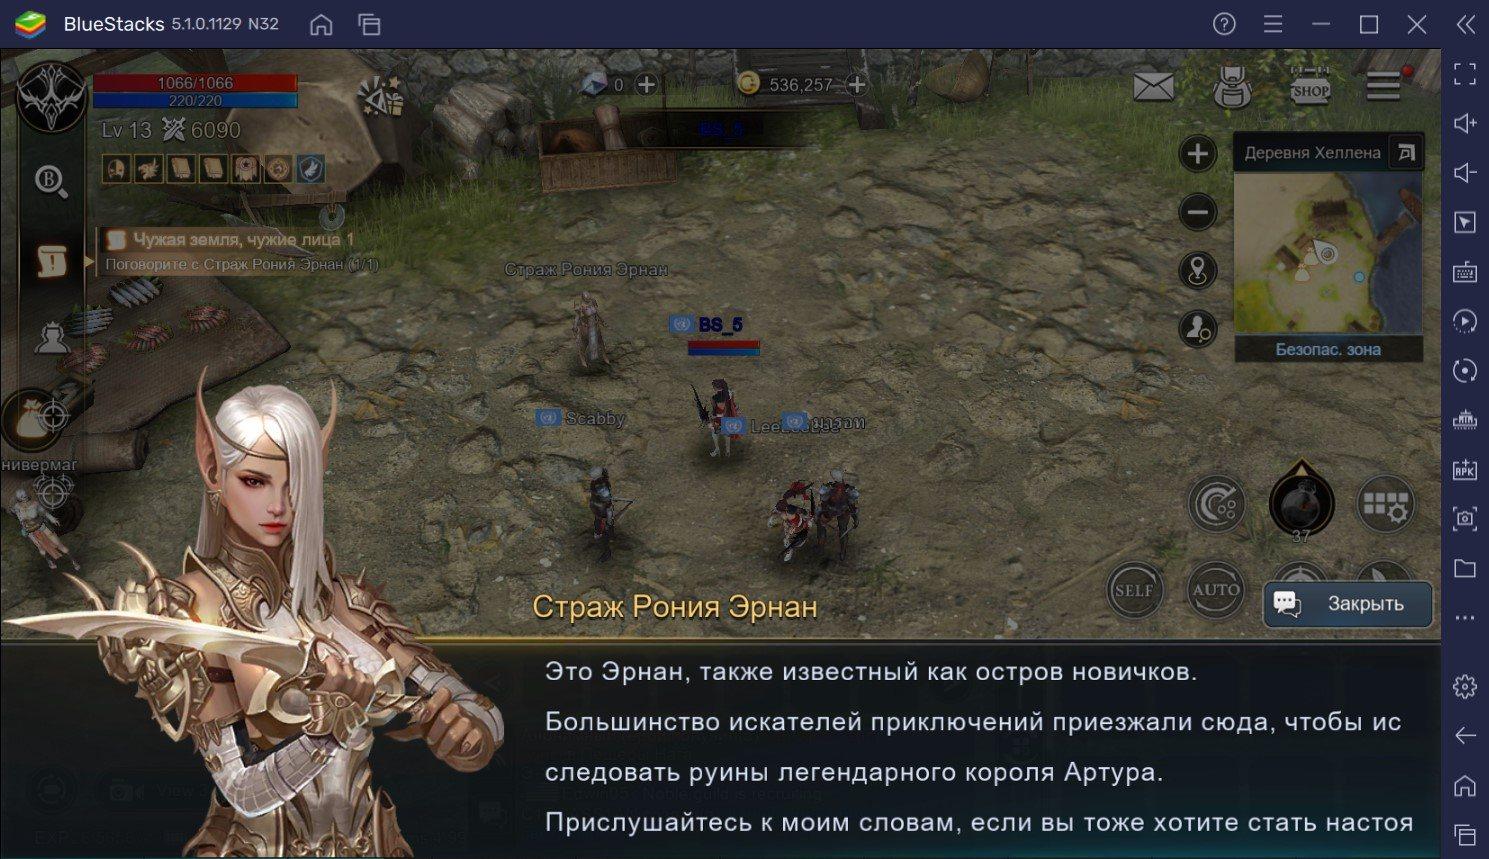 Советы для новичков по сильному старту игры в Kingdom: The Blood Pledge